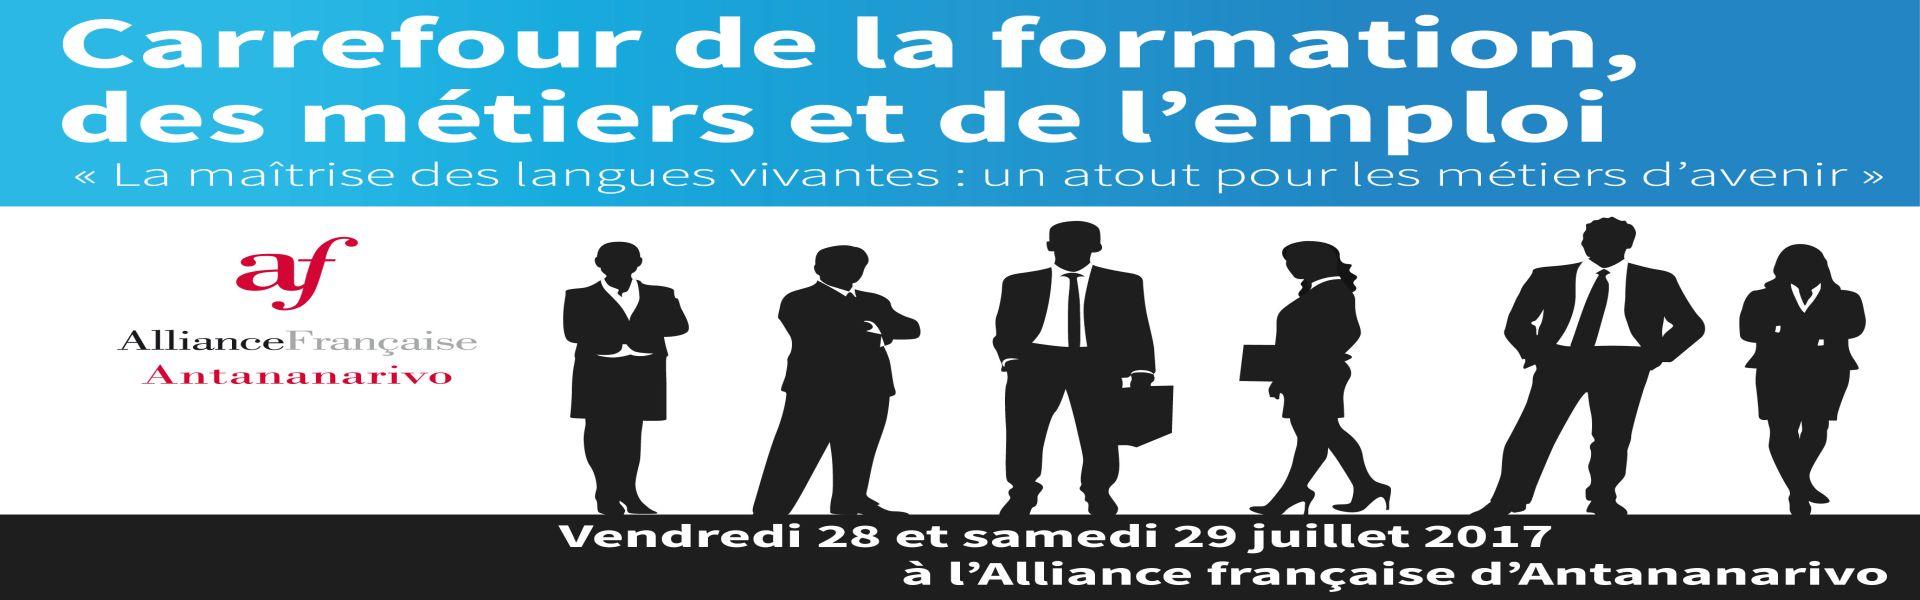 LAPLUME.MG au premier Carrefour de la formation, des métiers et de l'emploi.